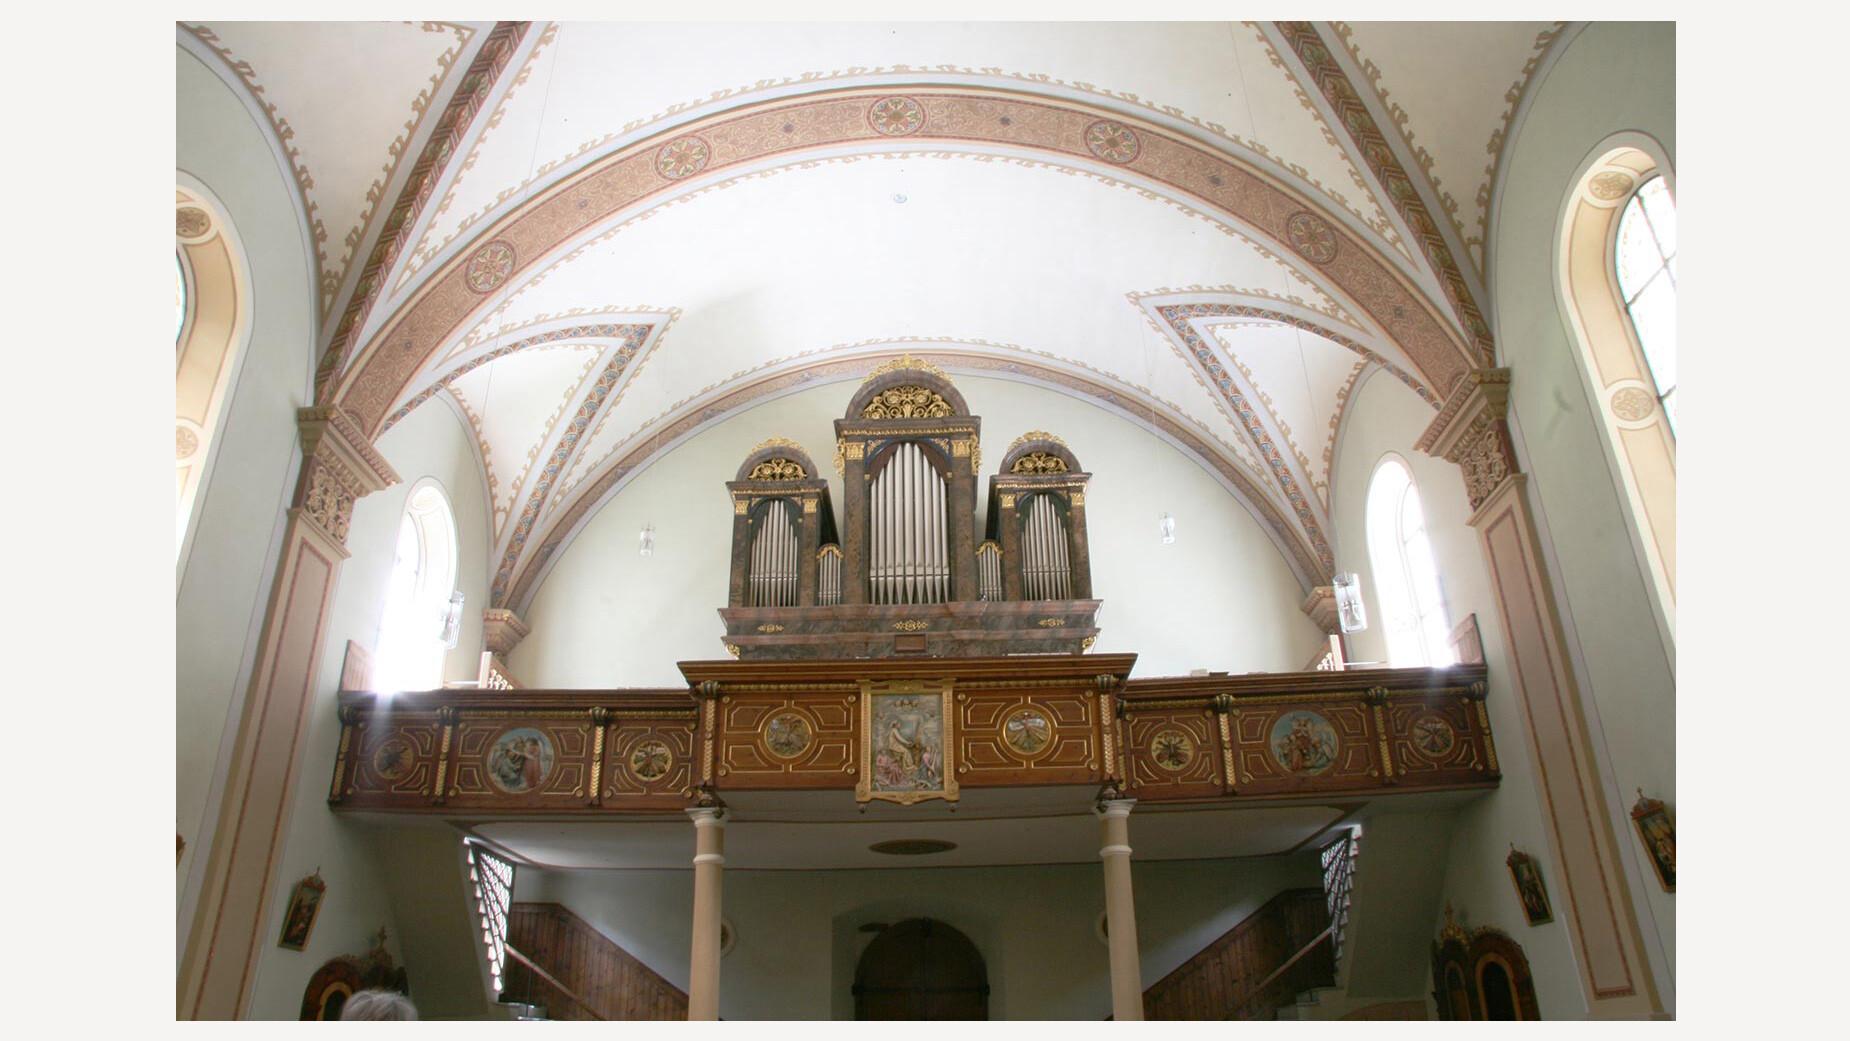 Orgel in Laas, Südtirol